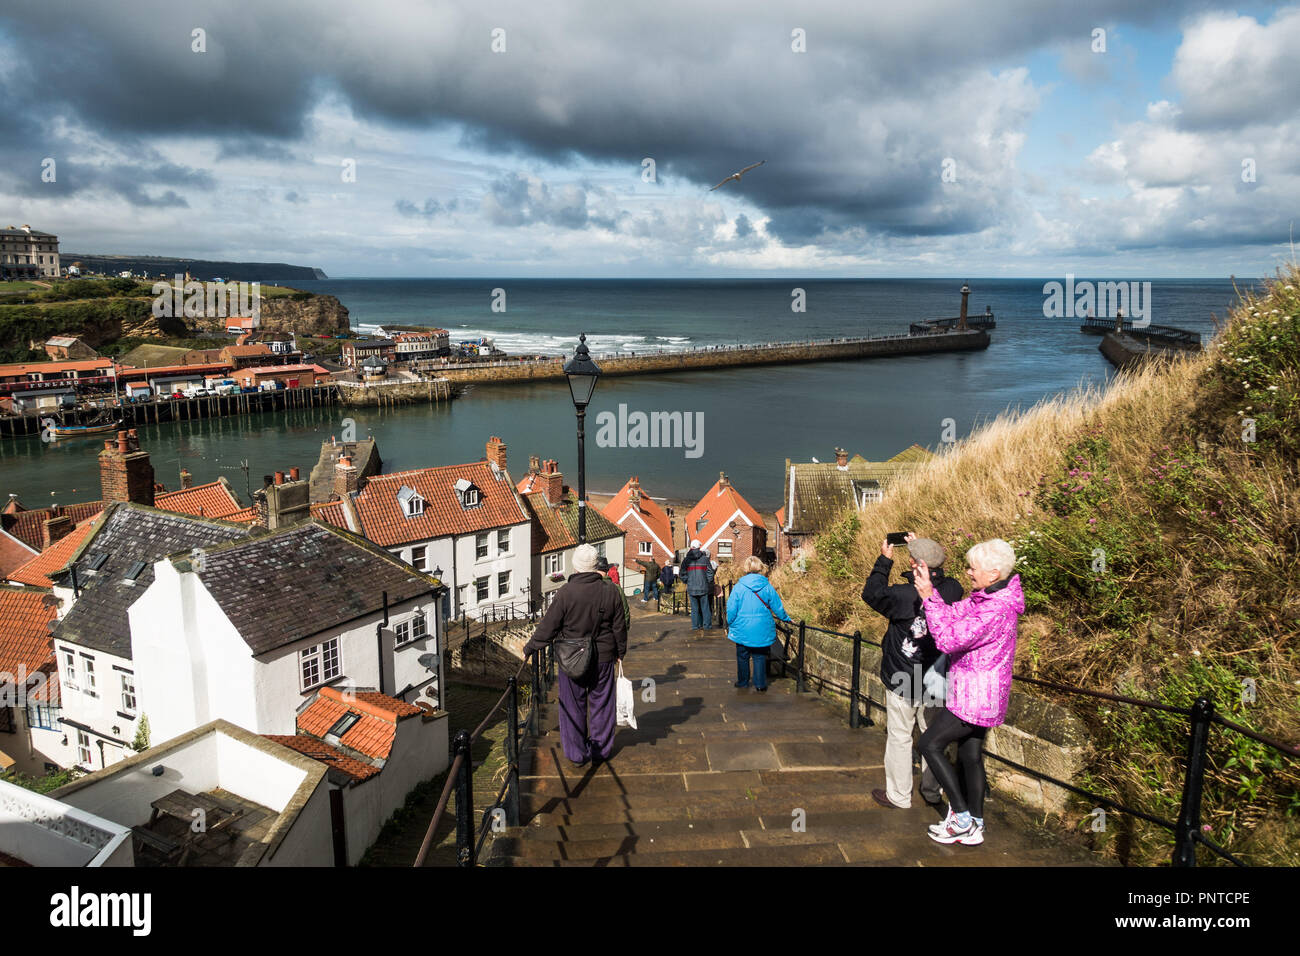 Los pasos hasta la abadía y vista de la entrada del puerto en Whitby, Yorkshire con amenaza de lluvia Imagen De Stock